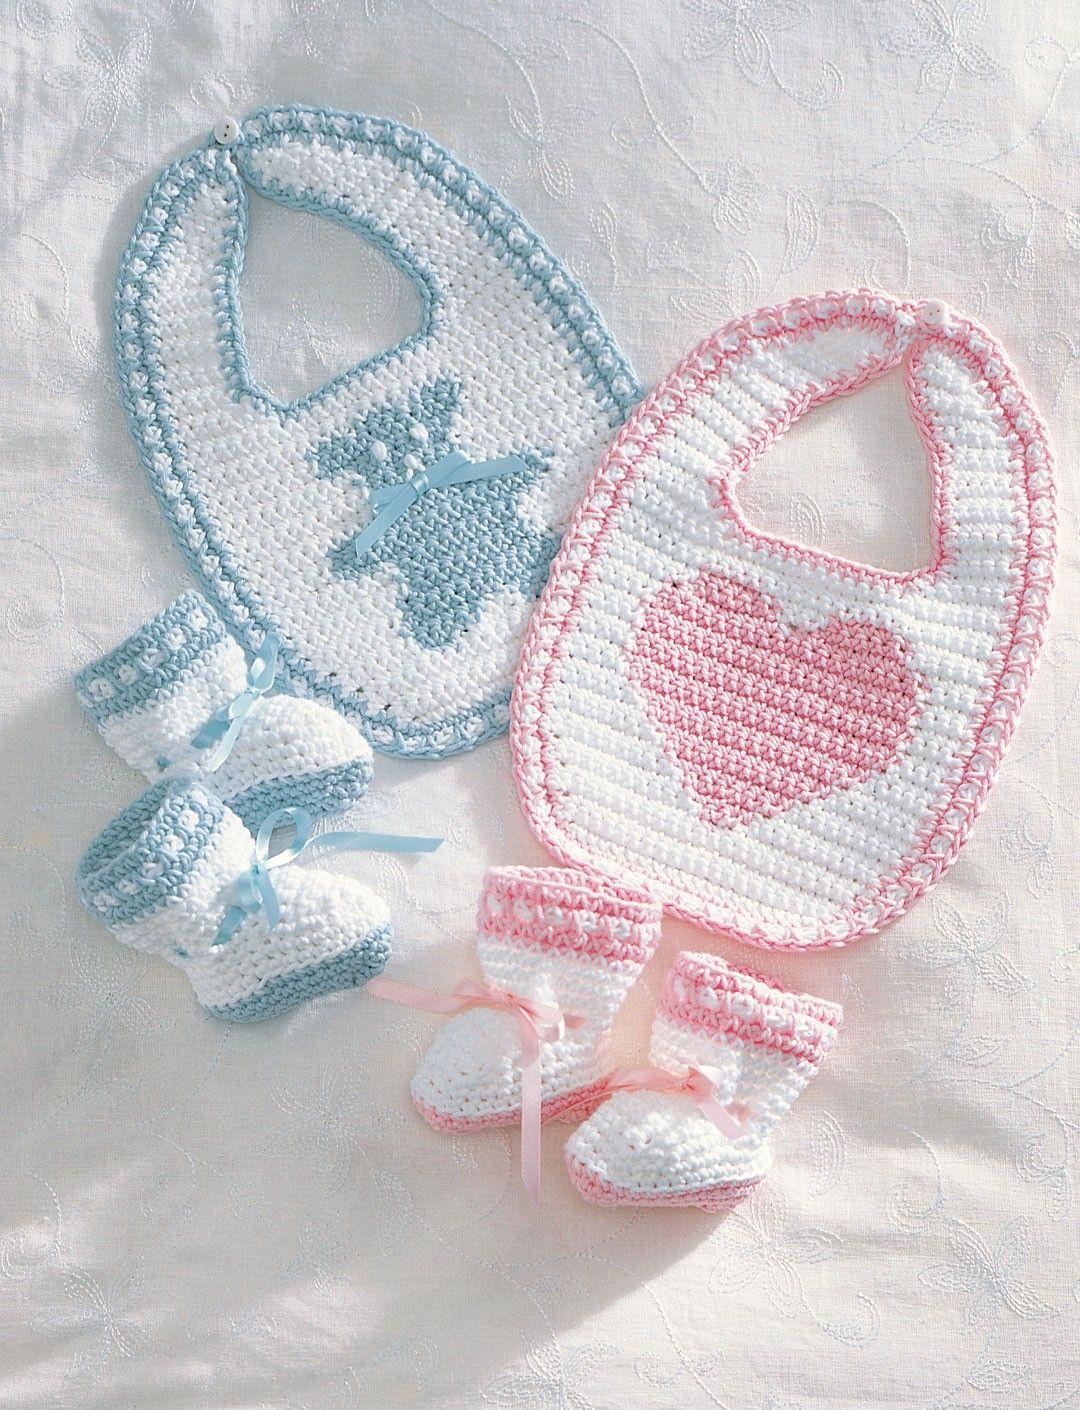 Sweetheart Or Teddy Set - Free Crochet Pattern - (yarnspirations ...